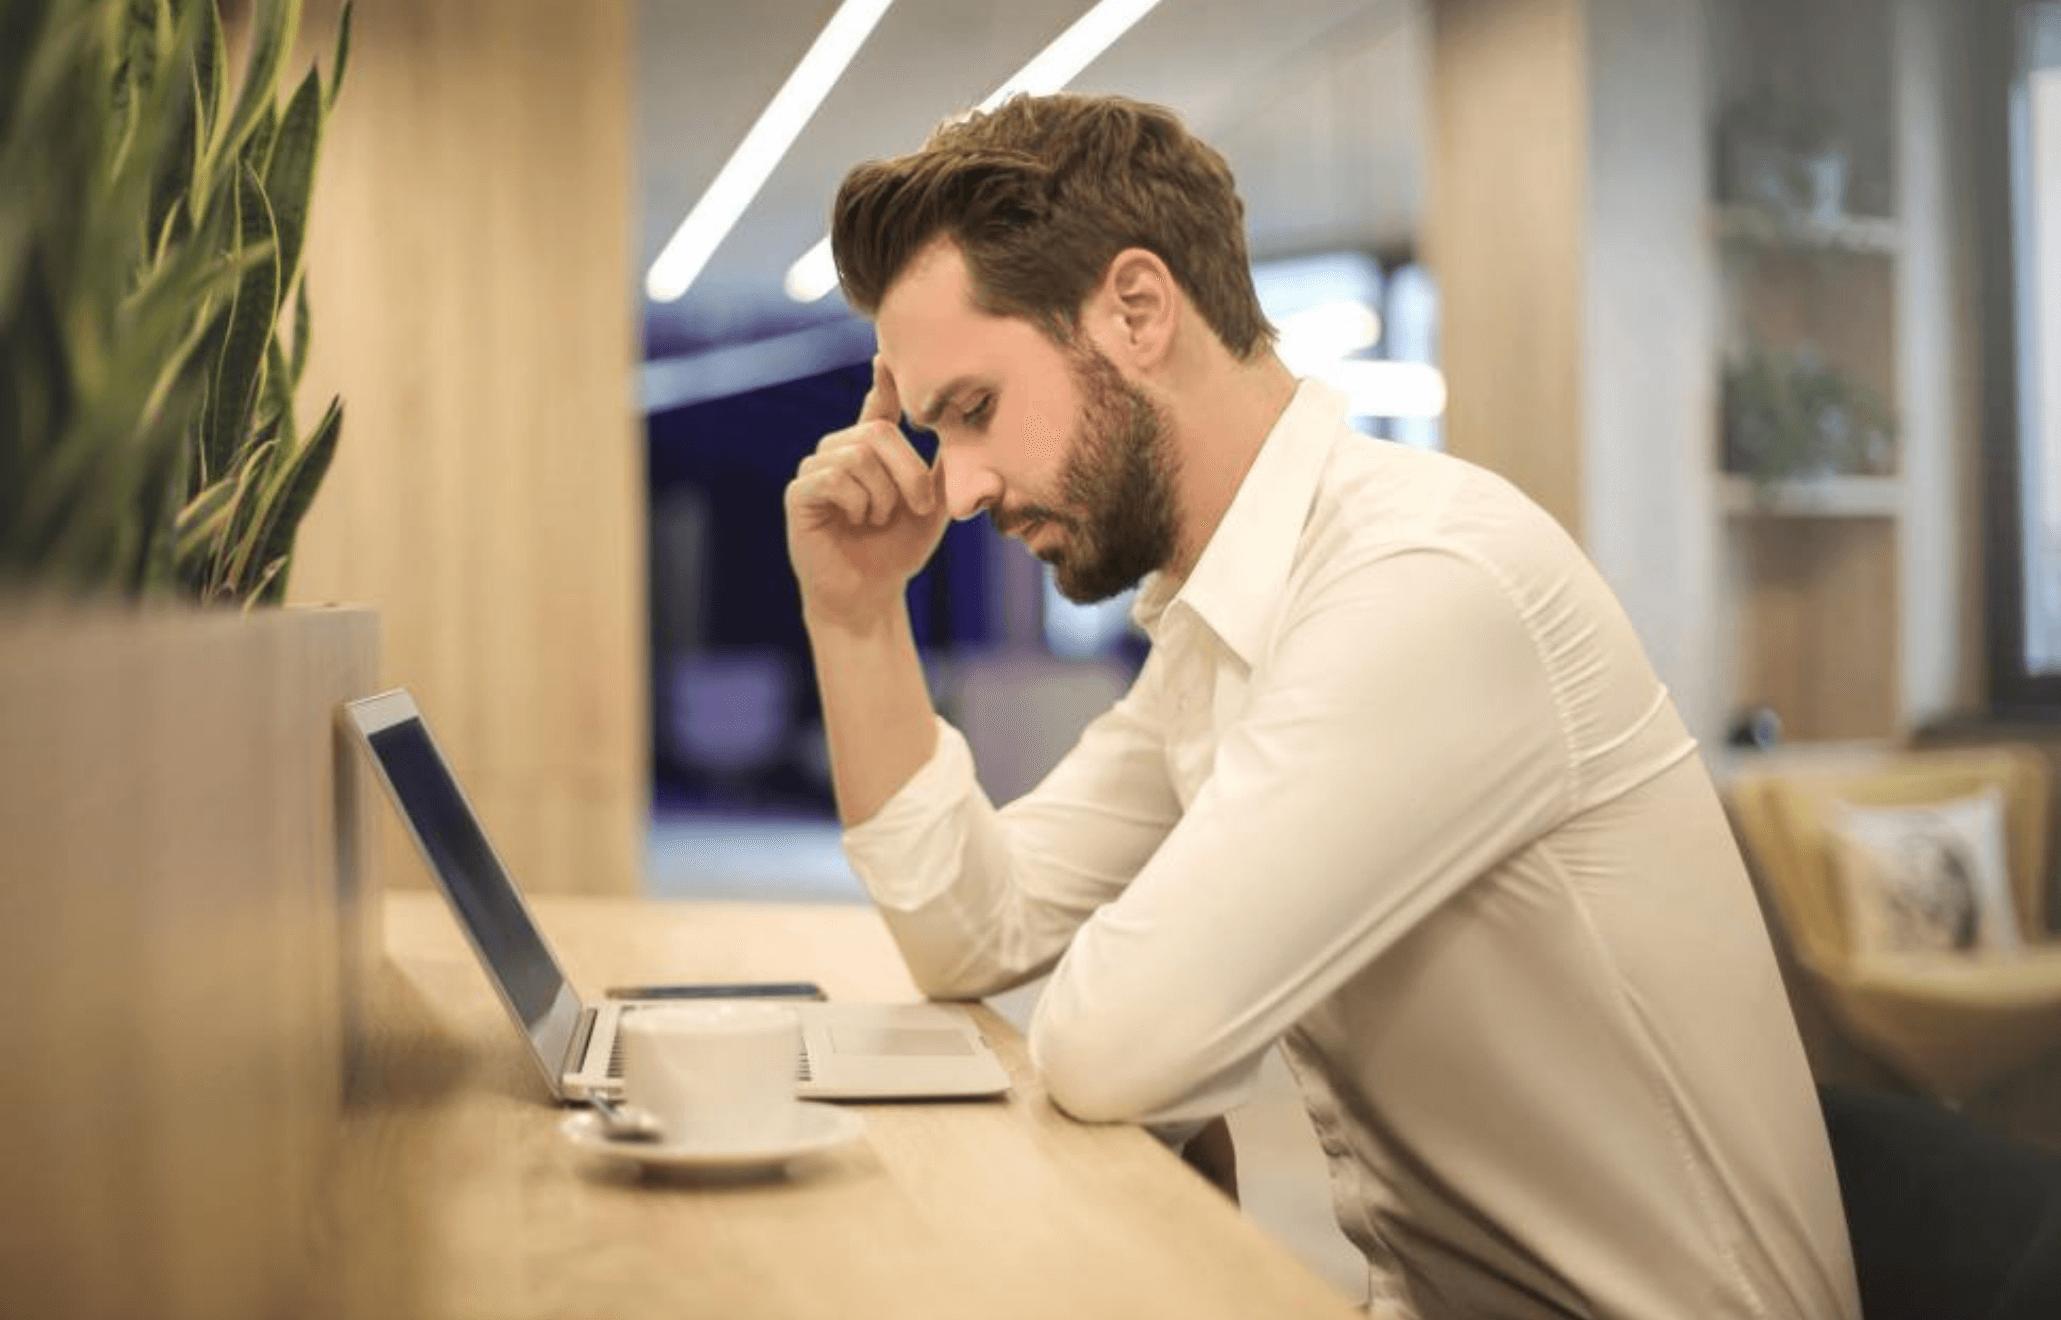 O estresse está afetando sua produtividade?